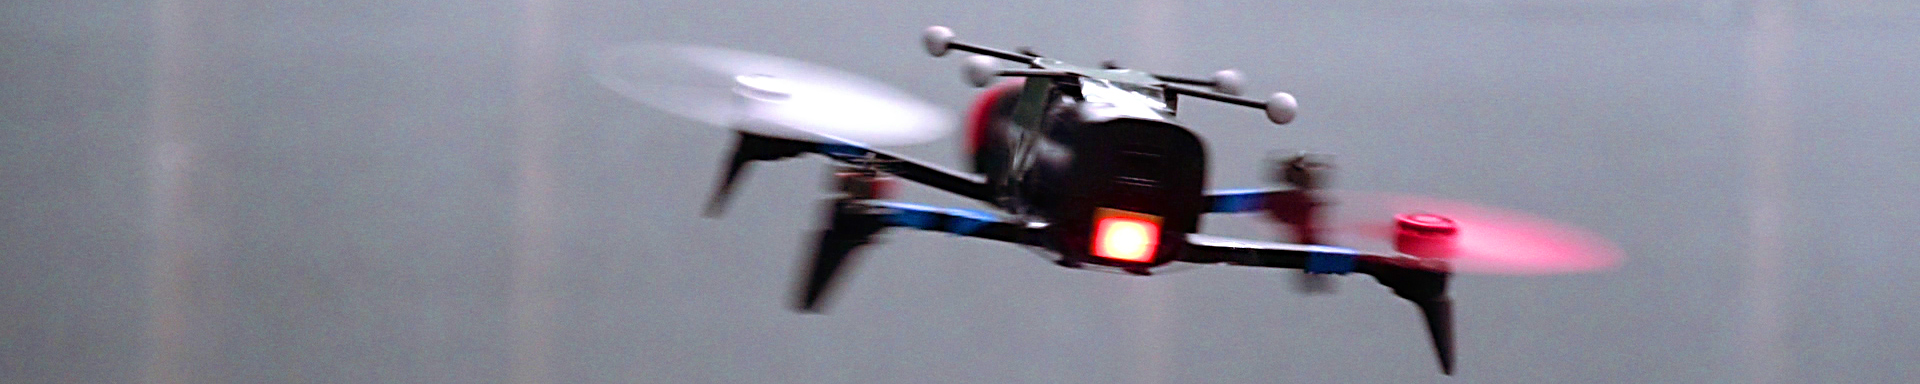 Drone met 2 rotors